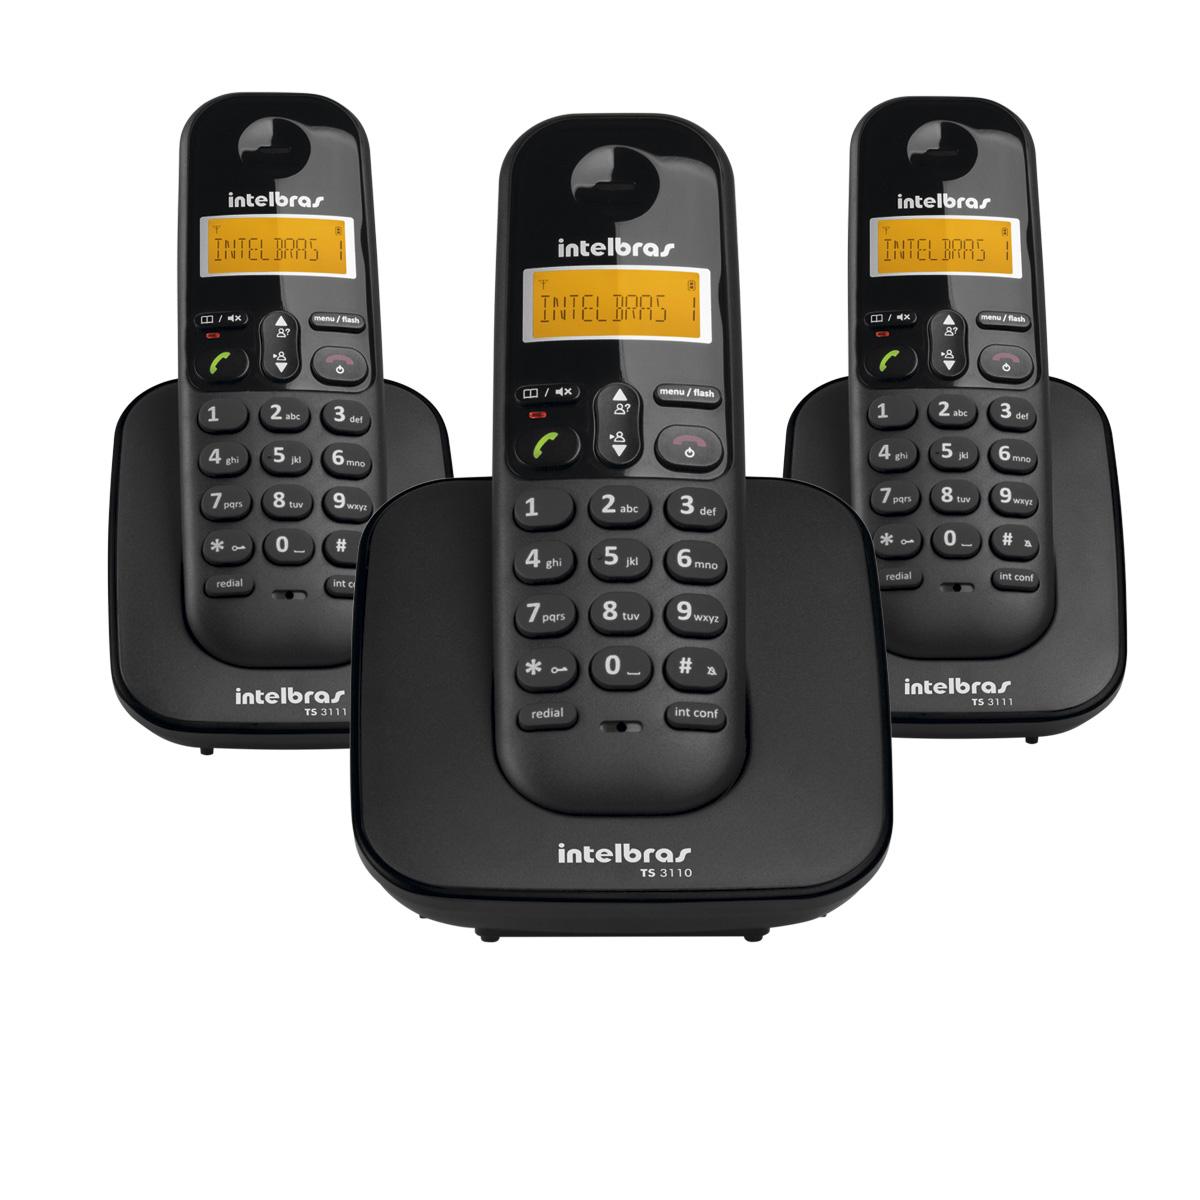 Telefone em Fio Digital com Dois Ramais Adicionais TS 3113 Preto - Intelbras